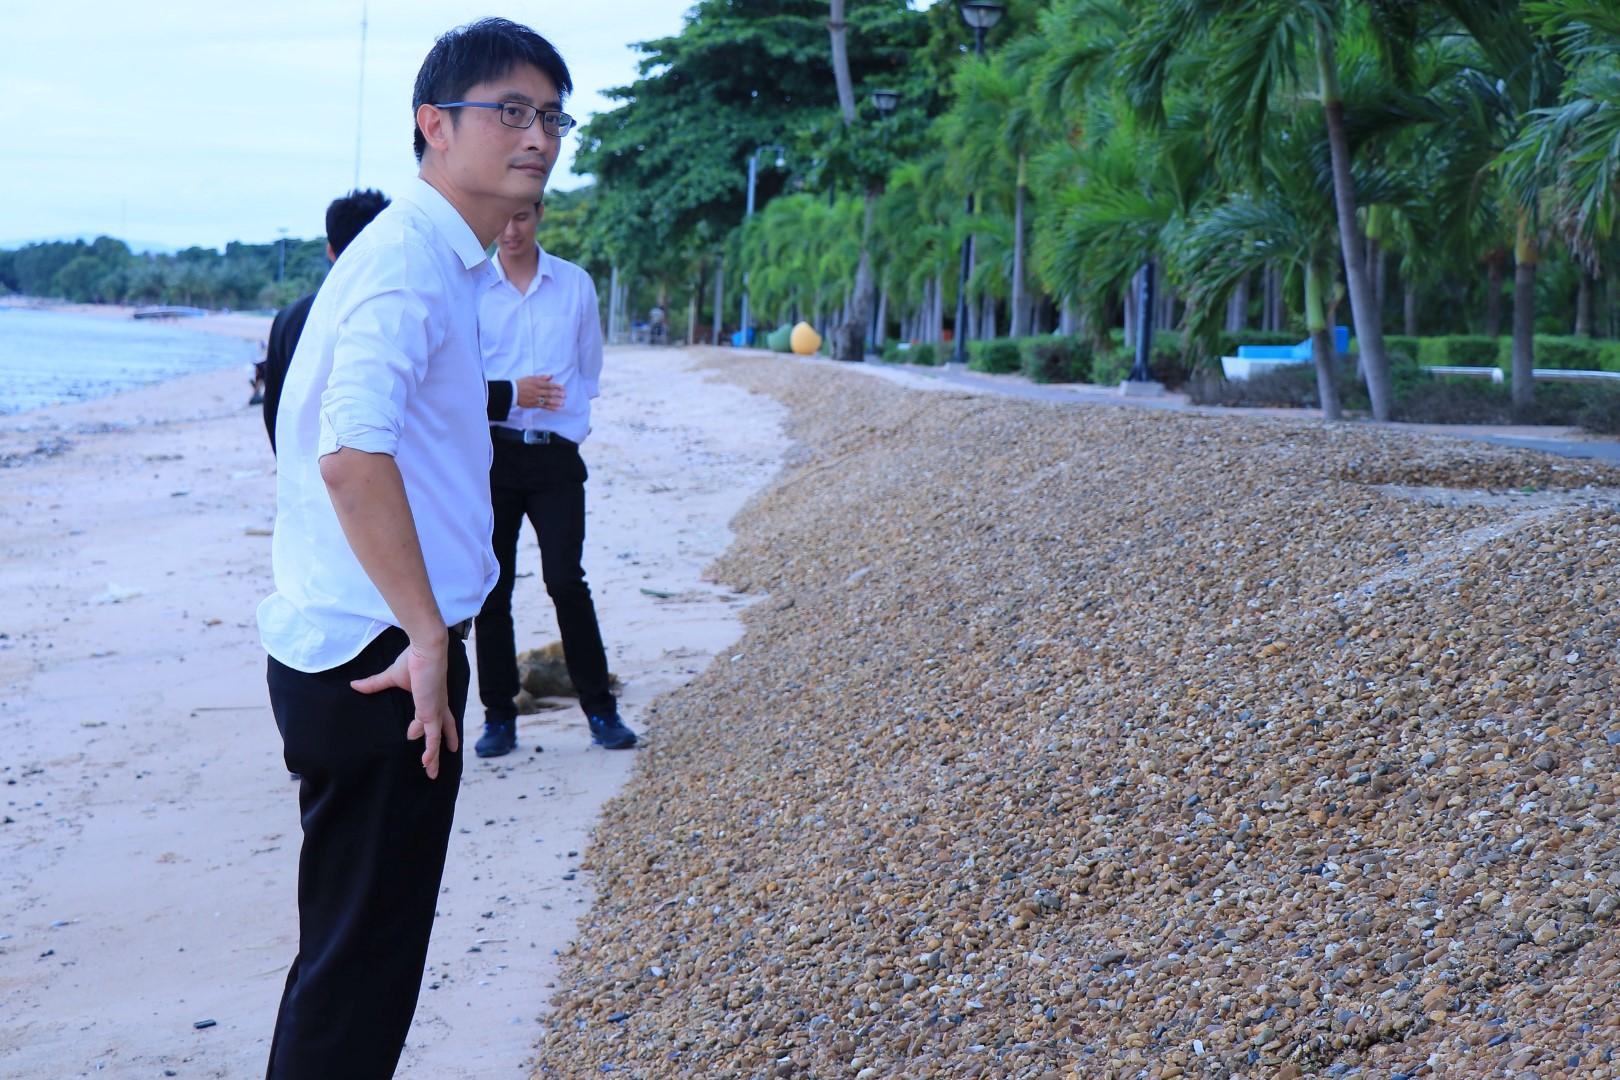 รองอธิบดี ทช.ลงพื้นที่สำรวจสภาพการกัดเซาะชายฝั่ง ในพื้นที่ชายหาดพัทยา